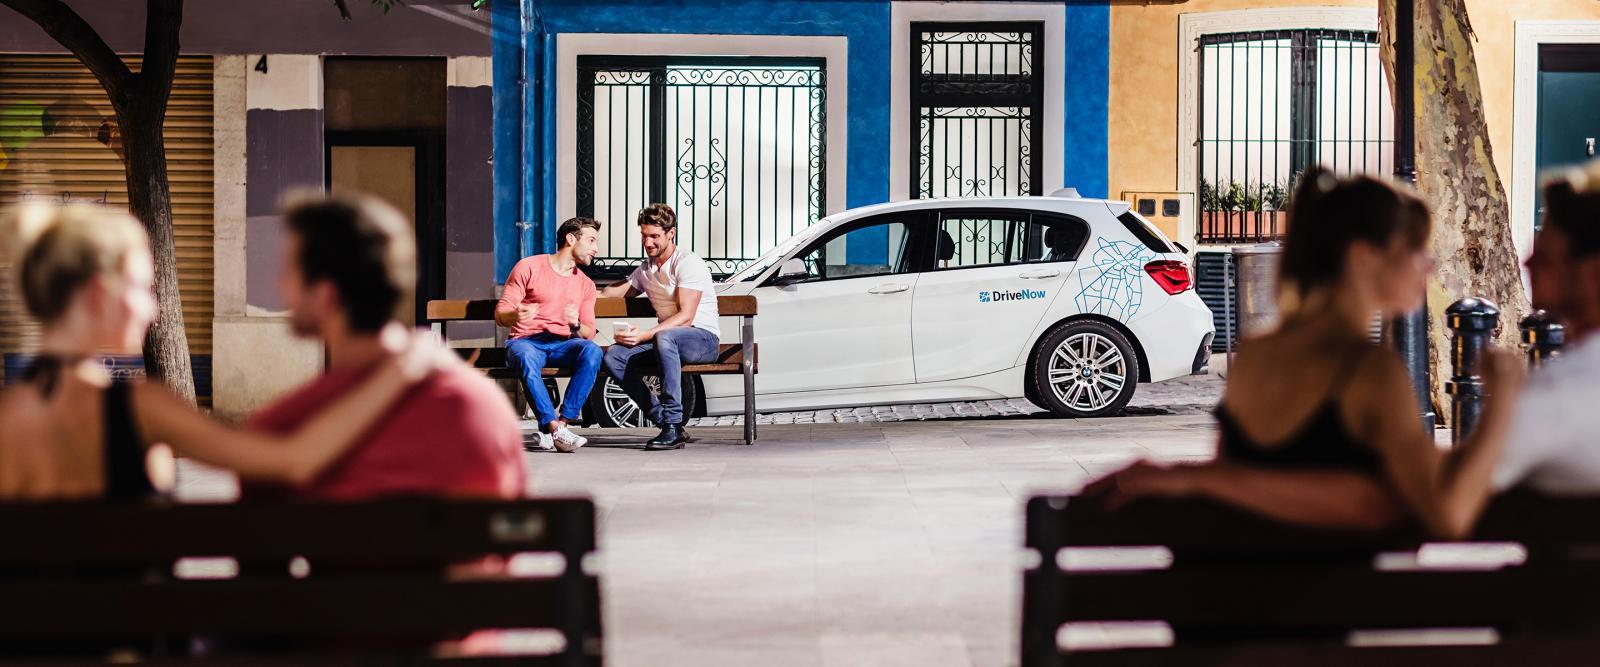 drivenow-carsharing-wien-testdrive-woche